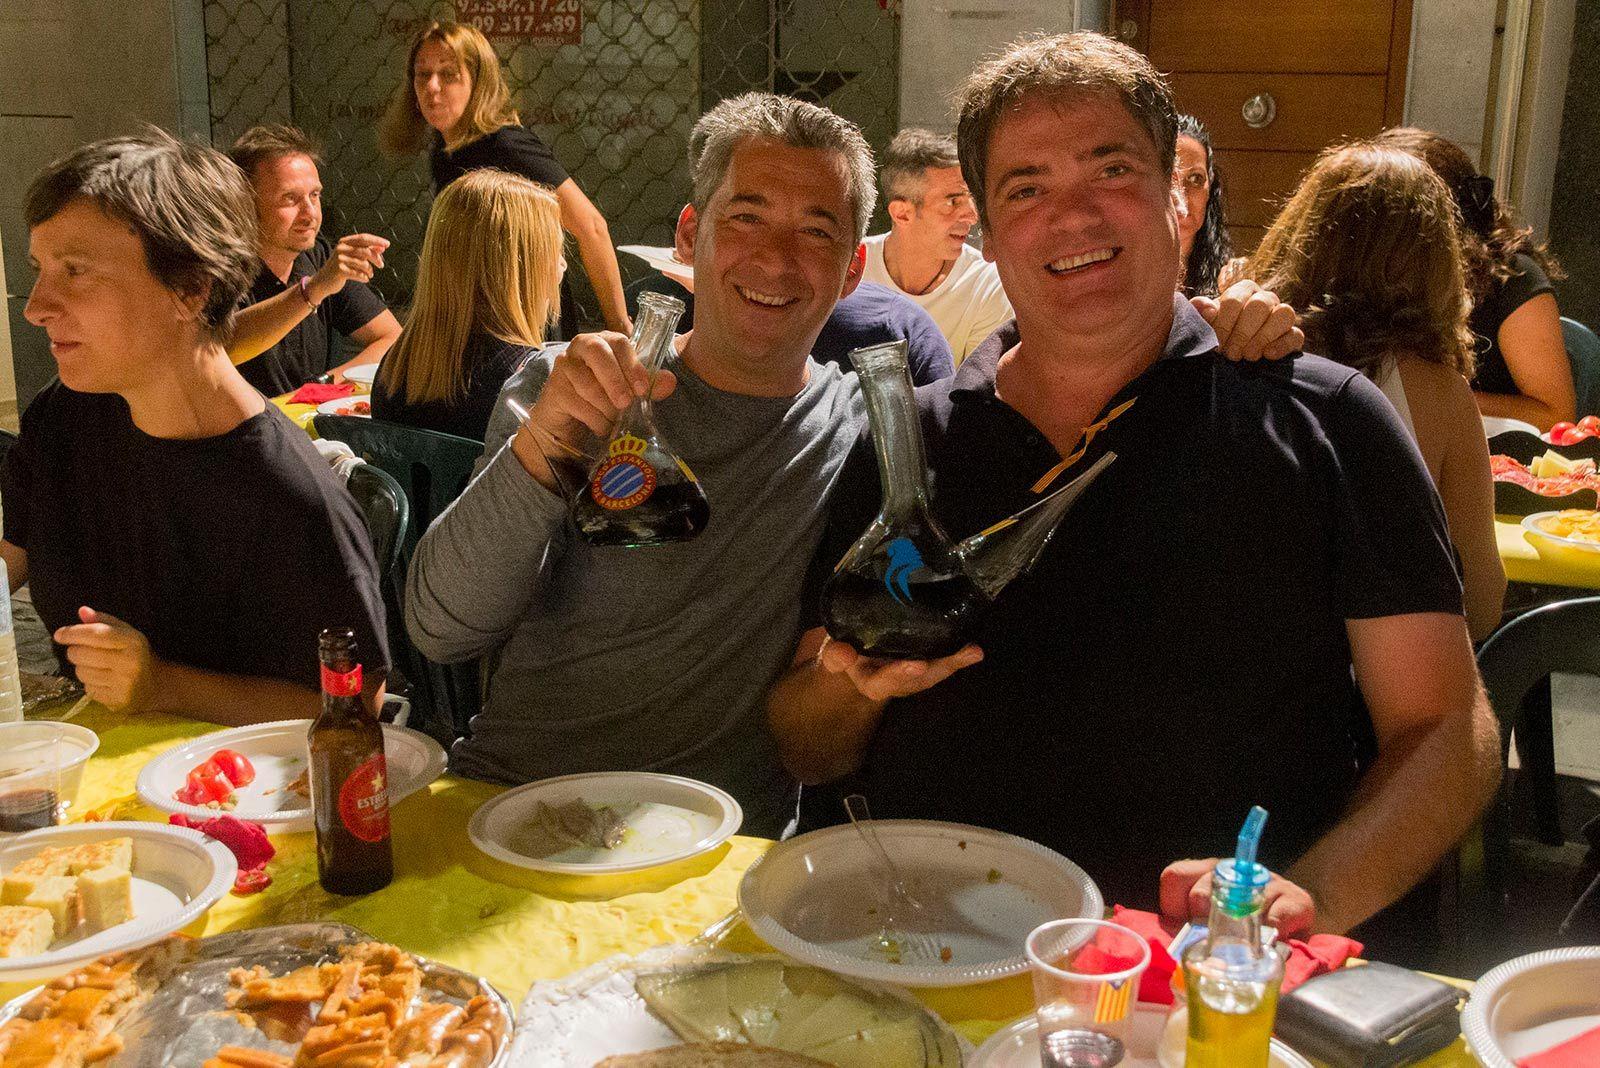 Sopar anual dels veïns i veïnes del carrer Xerric. FOTO: Paula Galván